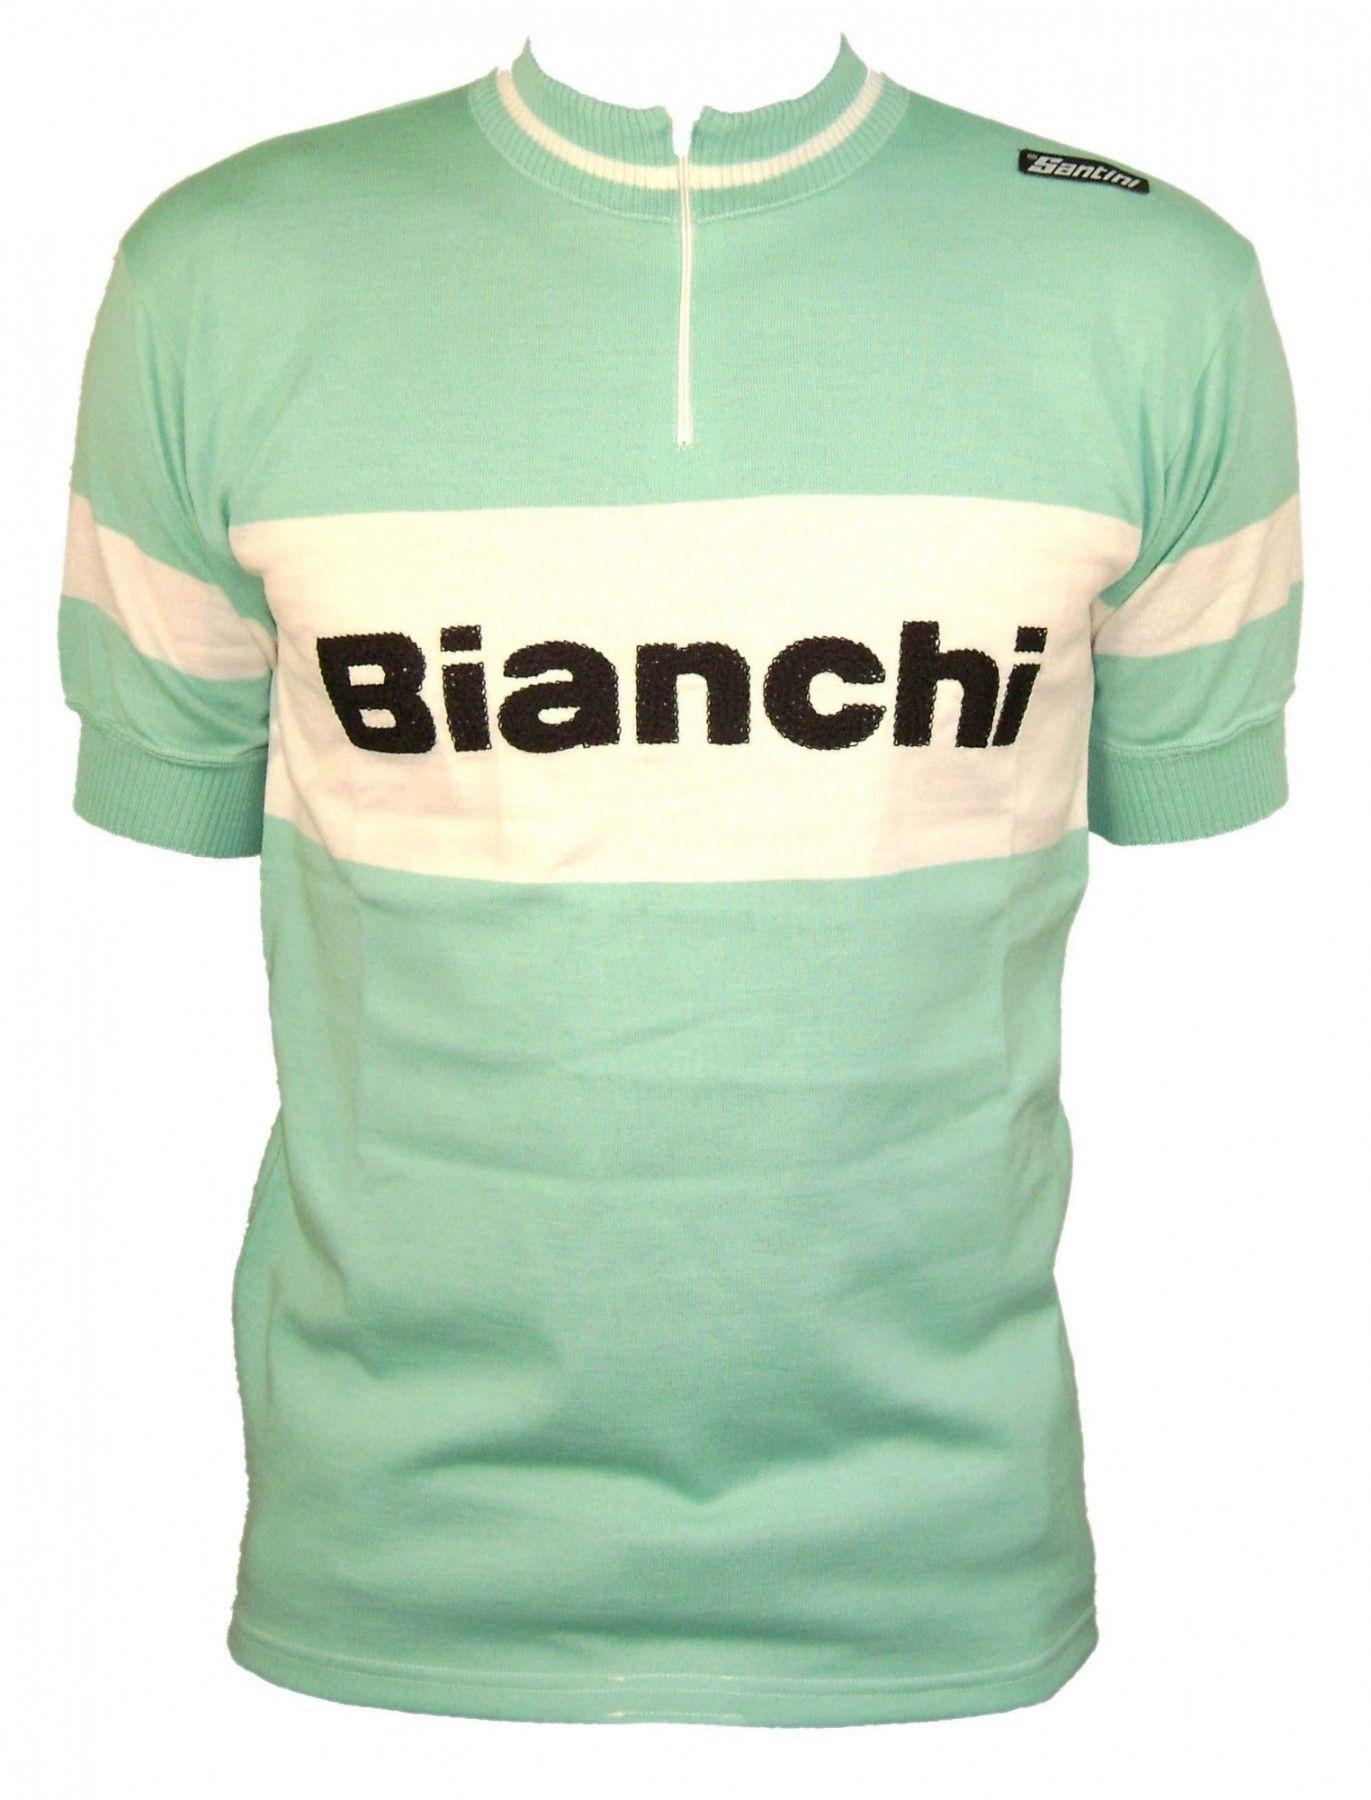 d01d7ed9b Bianchi s retro wool jersey in celeste